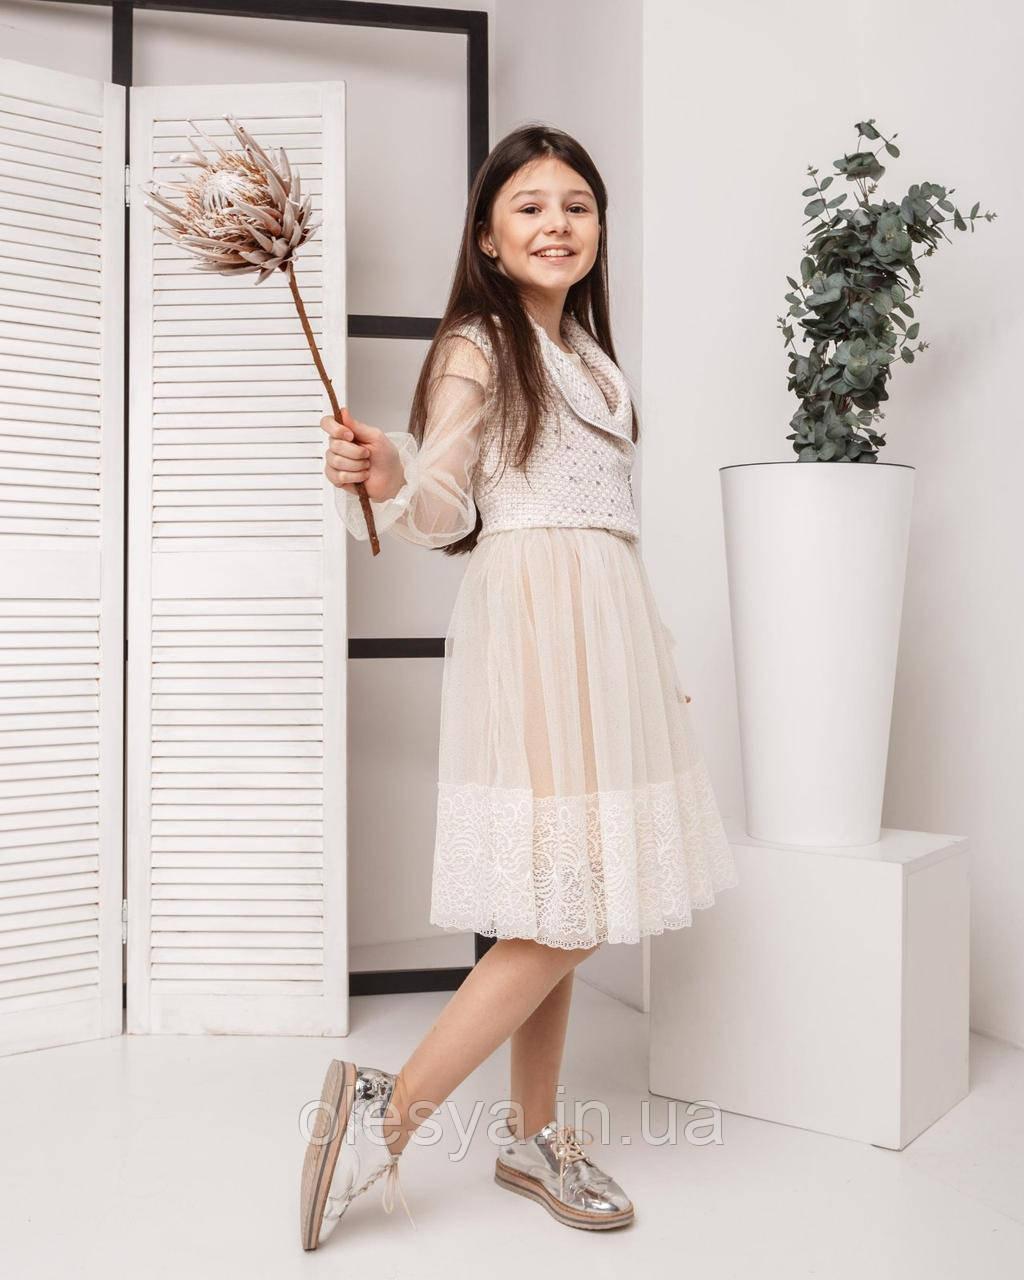 Красивый комплект для девочек - платье , накидка и жилет, TM Madlen Размеры 134 - 158